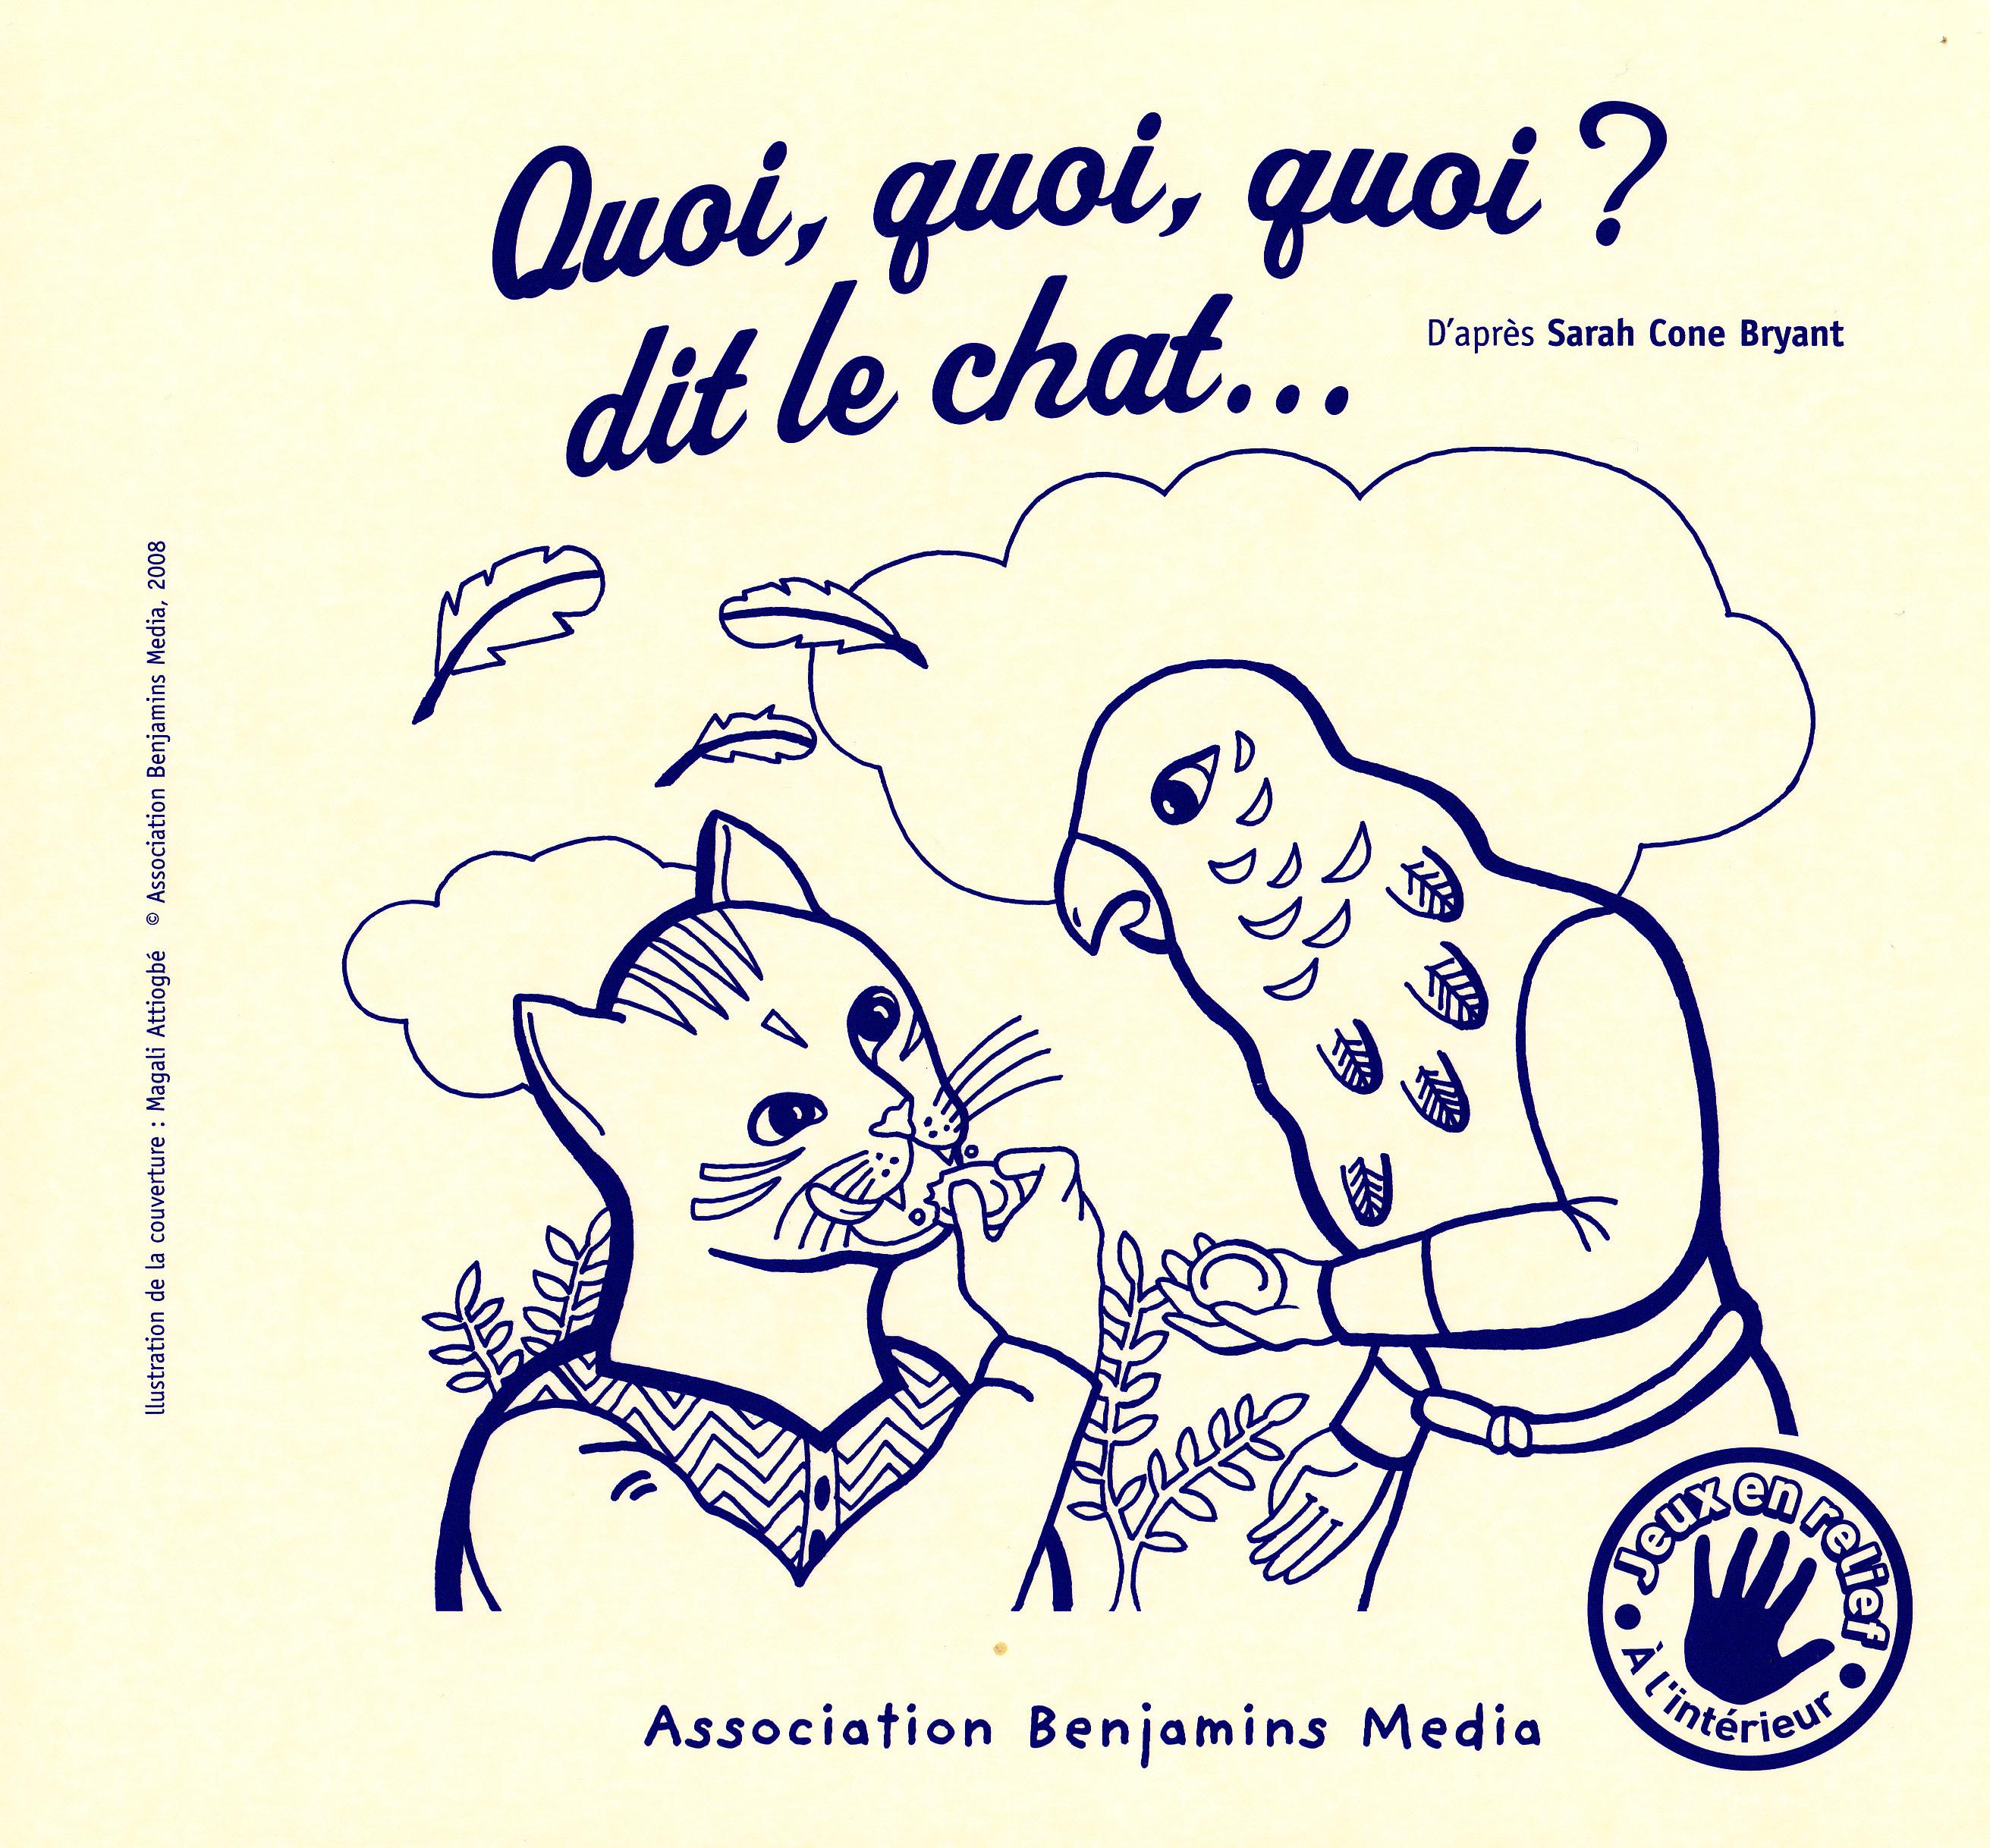 QUOI, QUOI, QUOI ? DIT LE CHAT...(+ CD + BRAILLE)